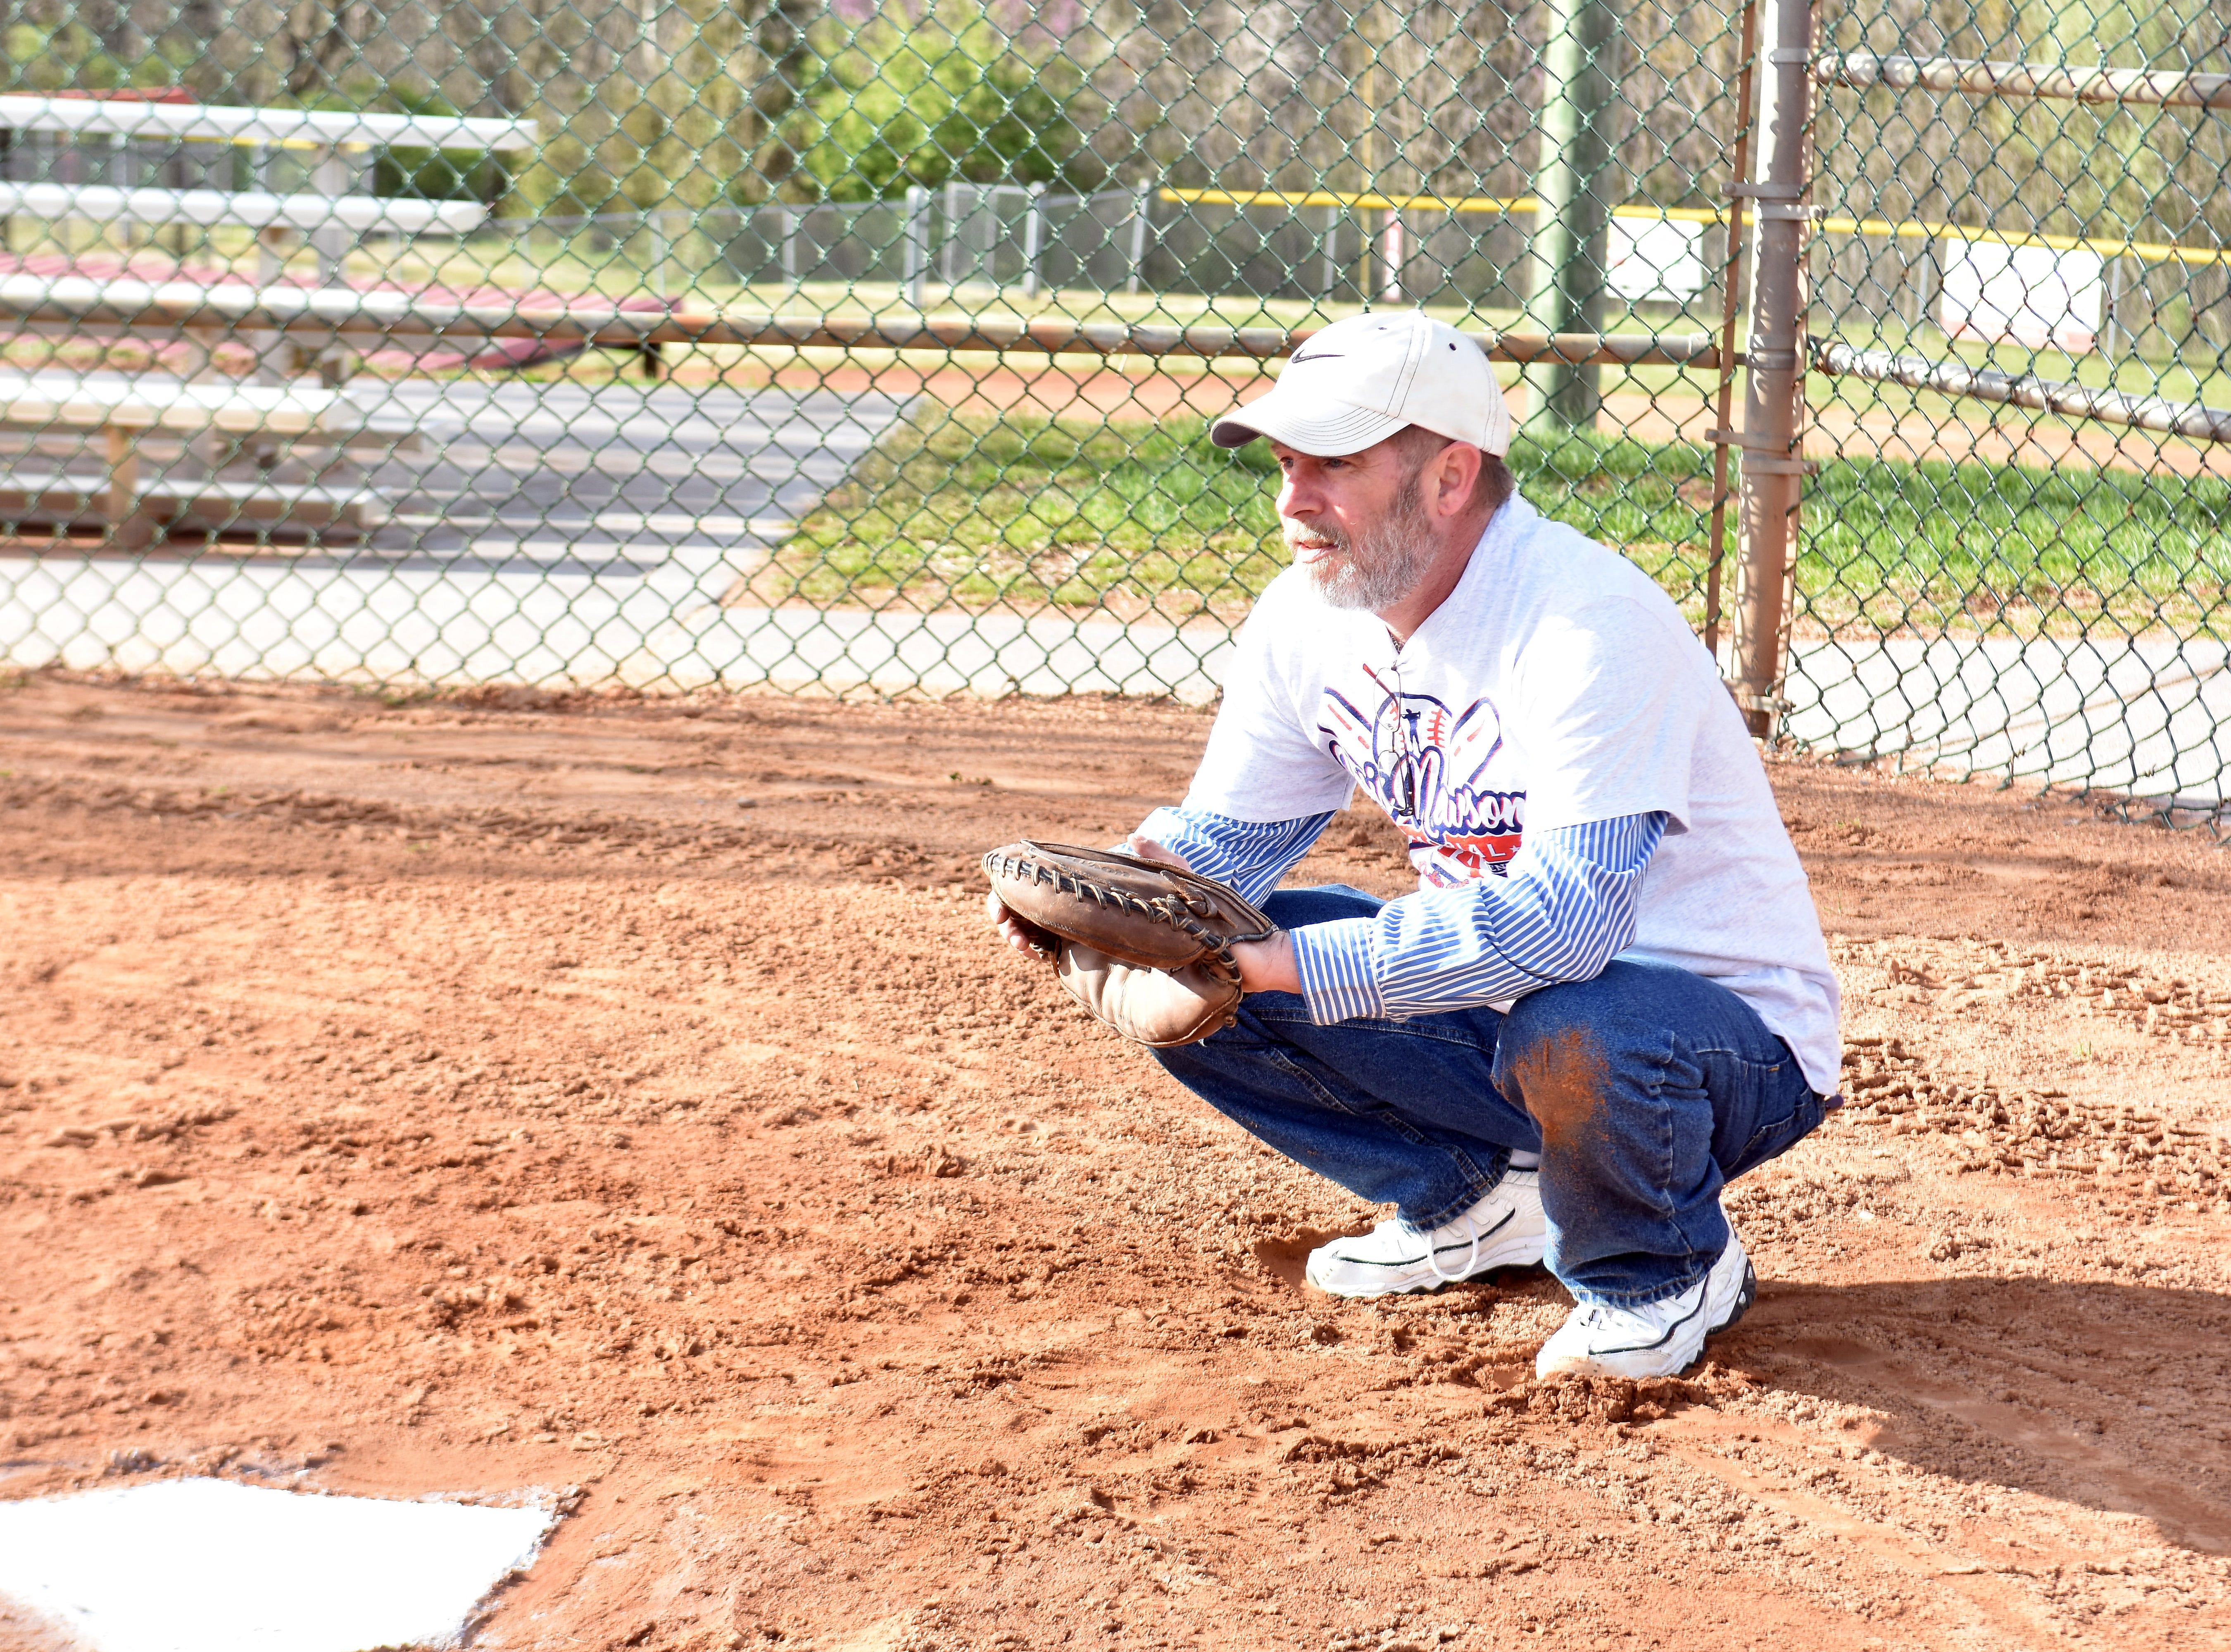 Chris Newsom's brother, Dennis Perry, serves as catcher as Hugh Newsom throws out the first pitch of the 2019 Chris Newsom Memorial Tournament.